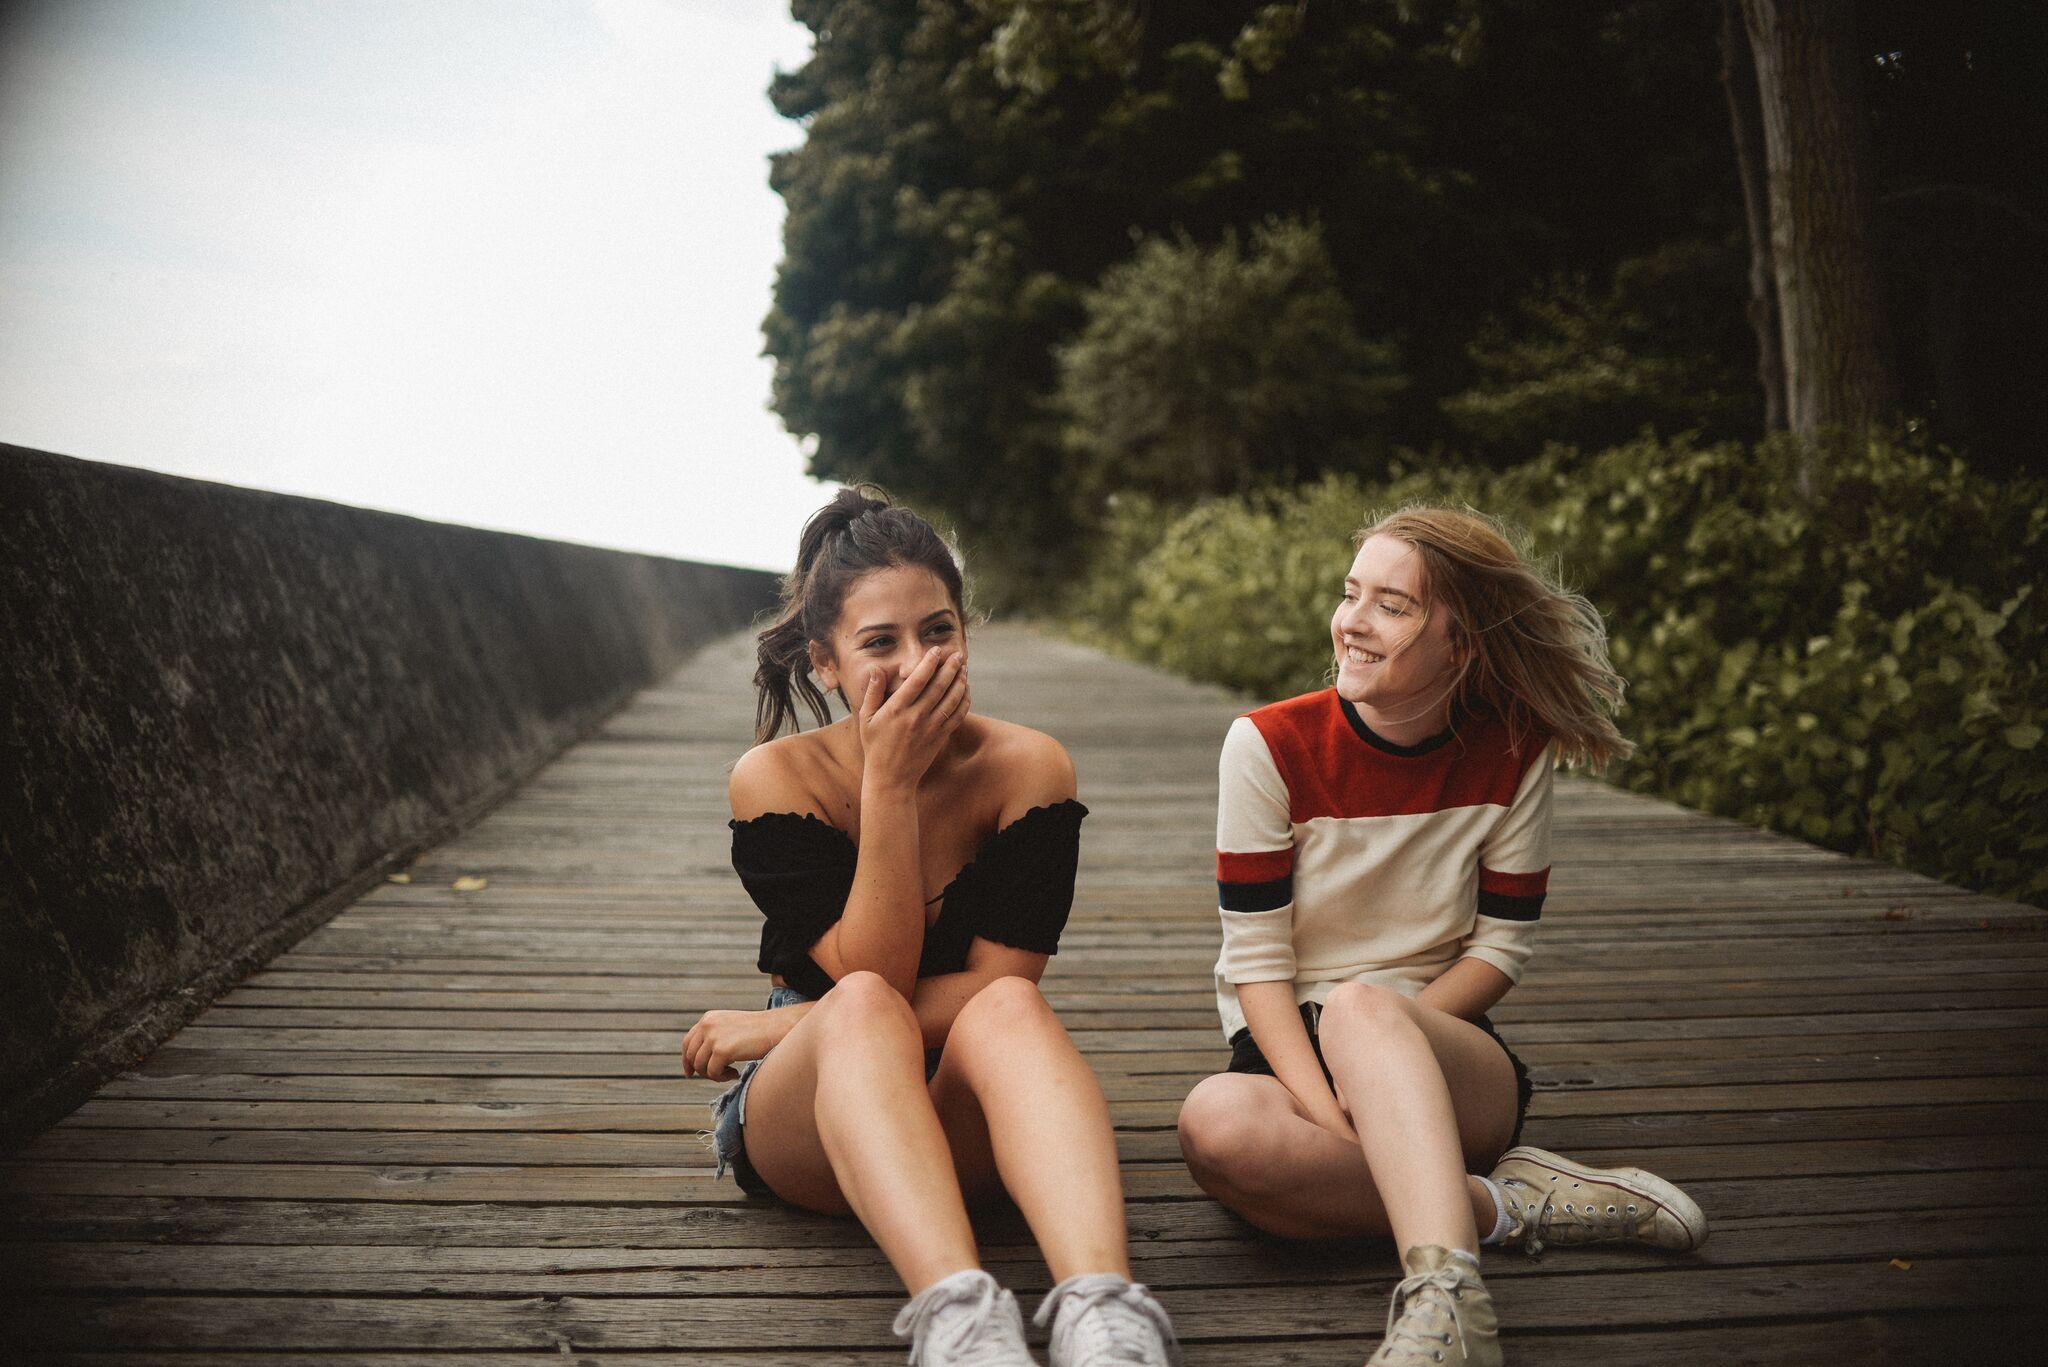 vrouwen-zesjesmentaliteit-succesvol-femfem